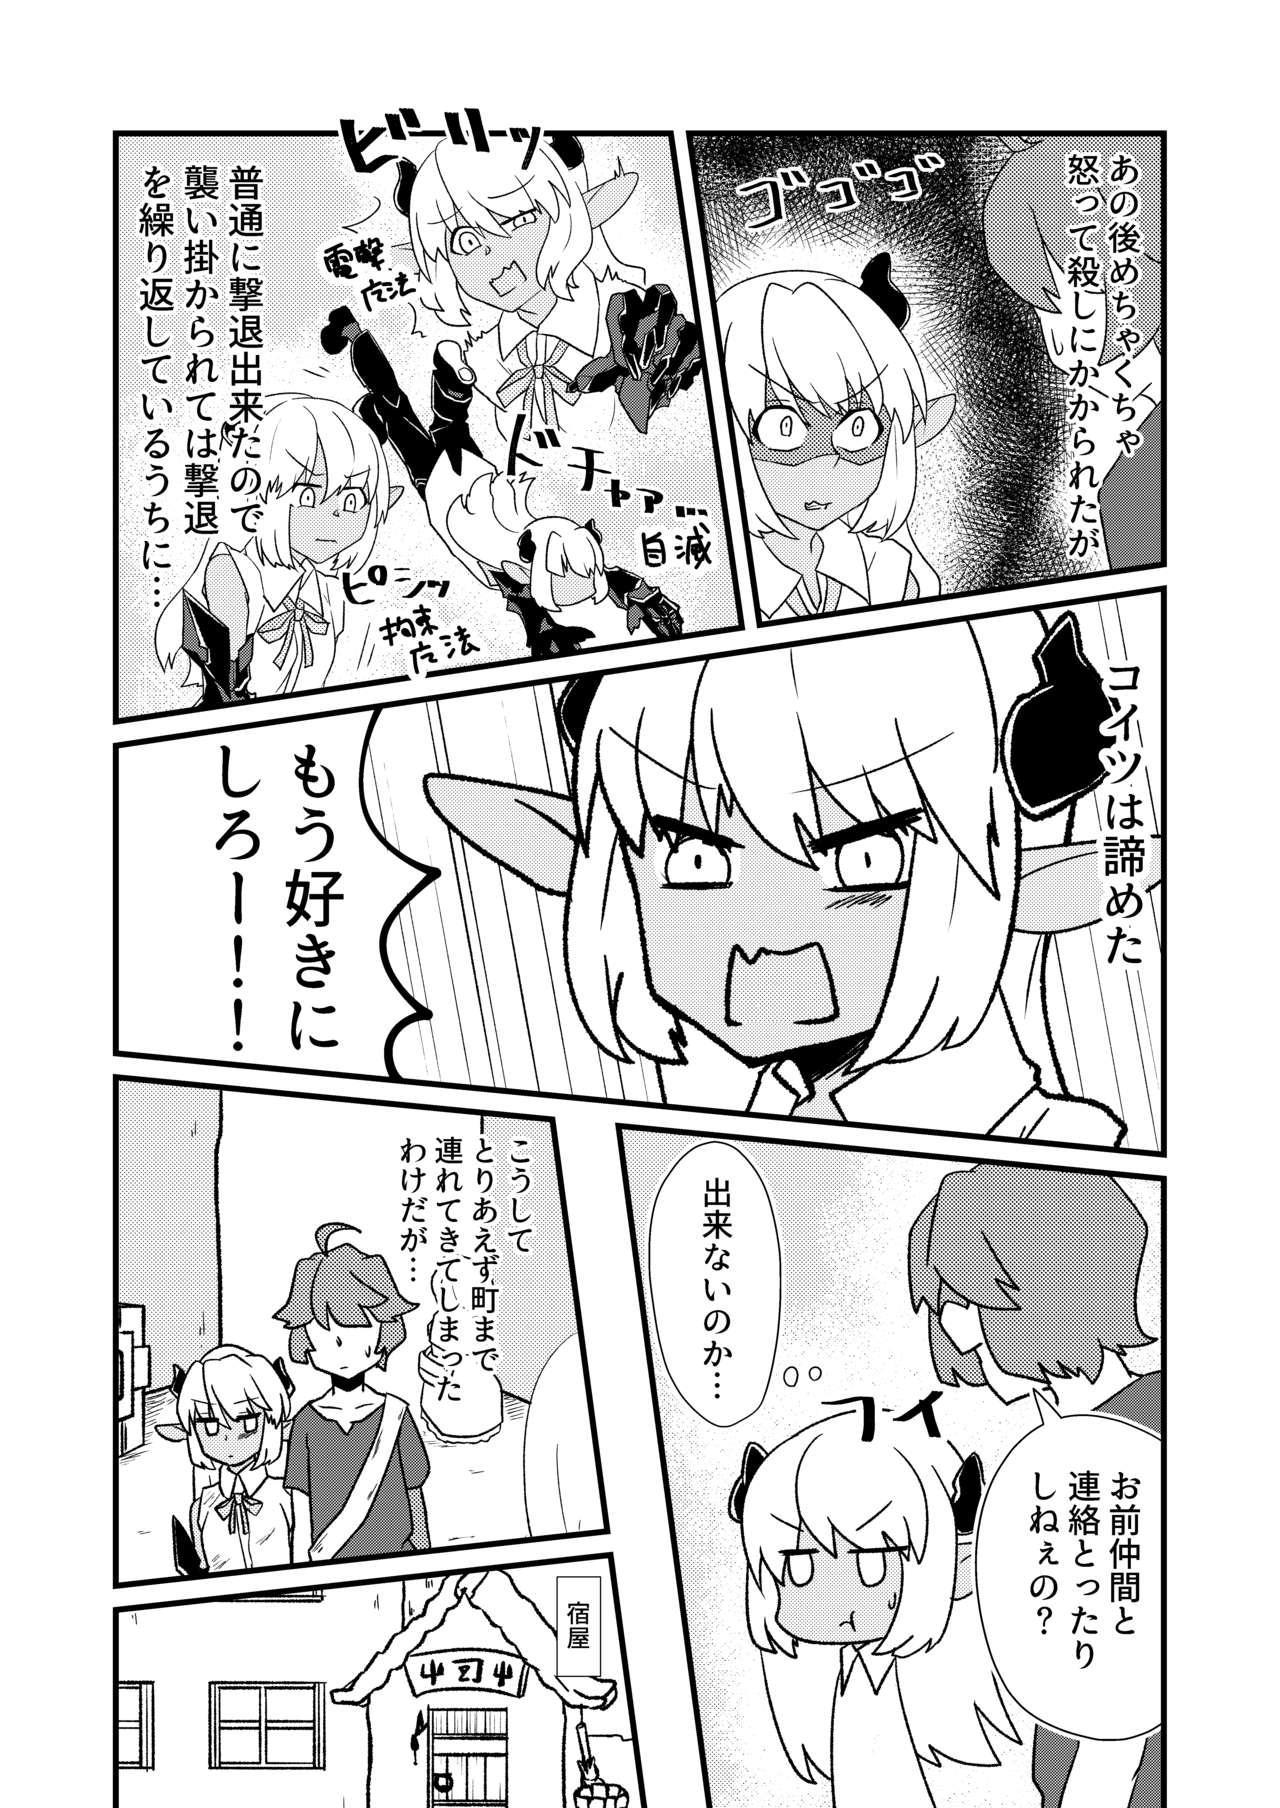 「お風呂」 青肌の魔族がTSして弱体化する漫画② 1